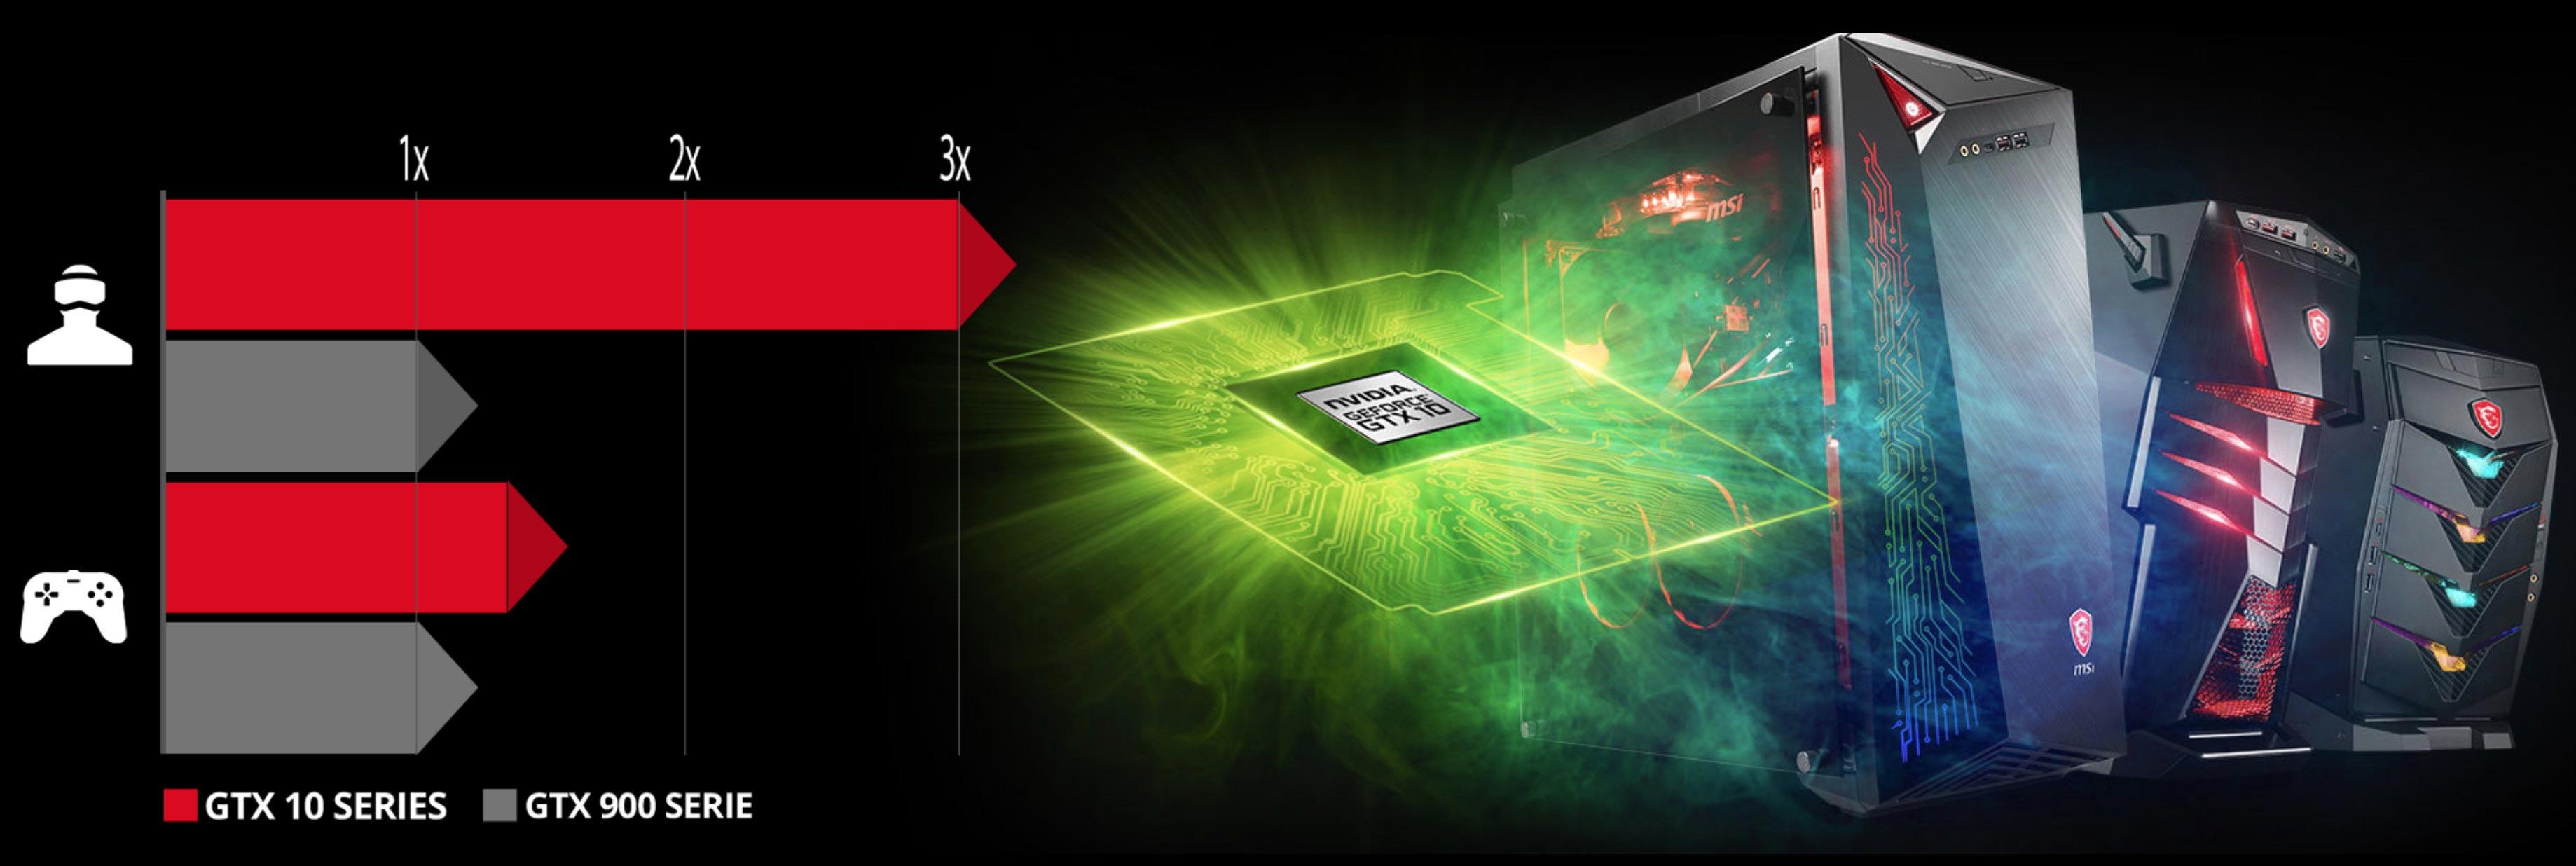 MSI Aegis 3 Gaming Desktop PC